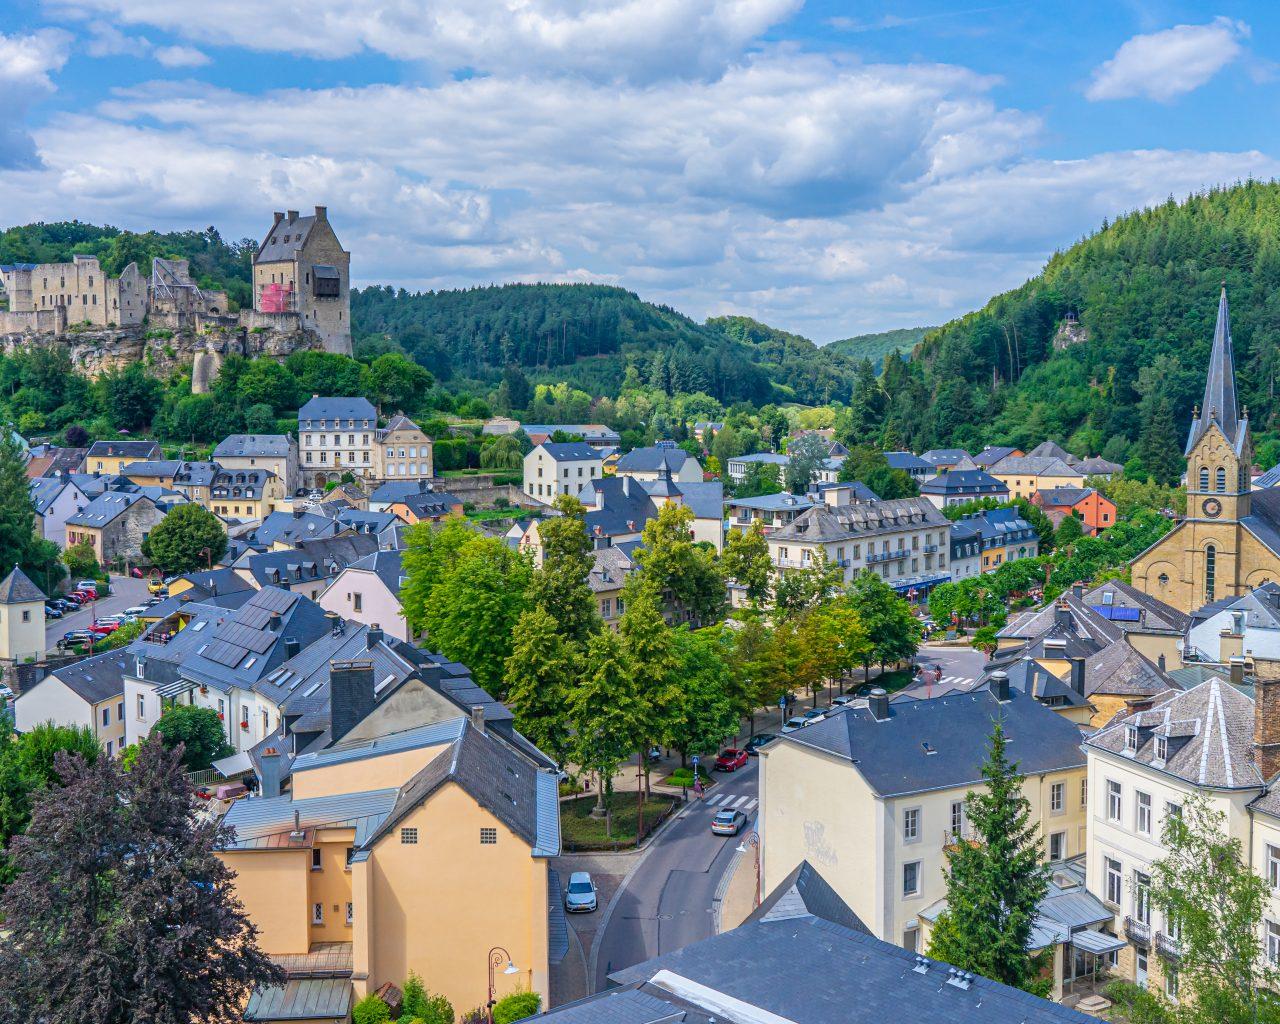 Larochette-vanaf-uitzichtpunt-Luxemburg